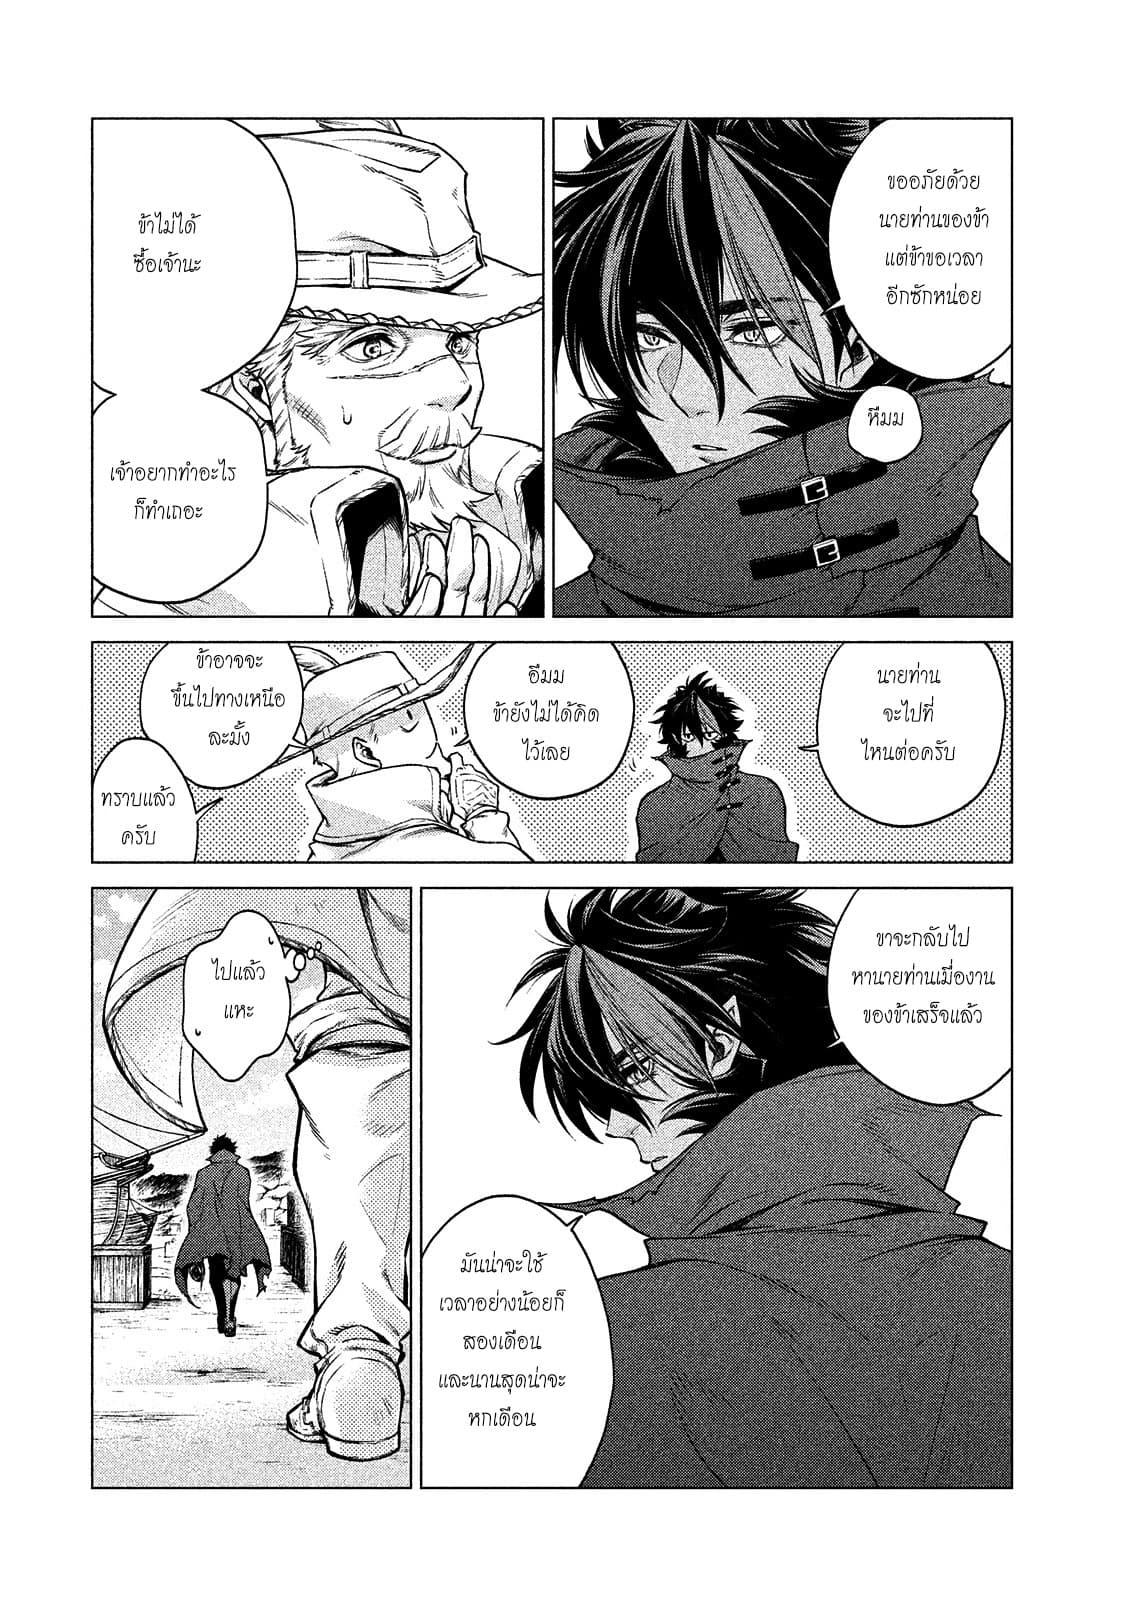 อ่านการ์ตูน Henkyou no Roukishi - Bard Loen ตอนที่ 6 หน้าที่ 9